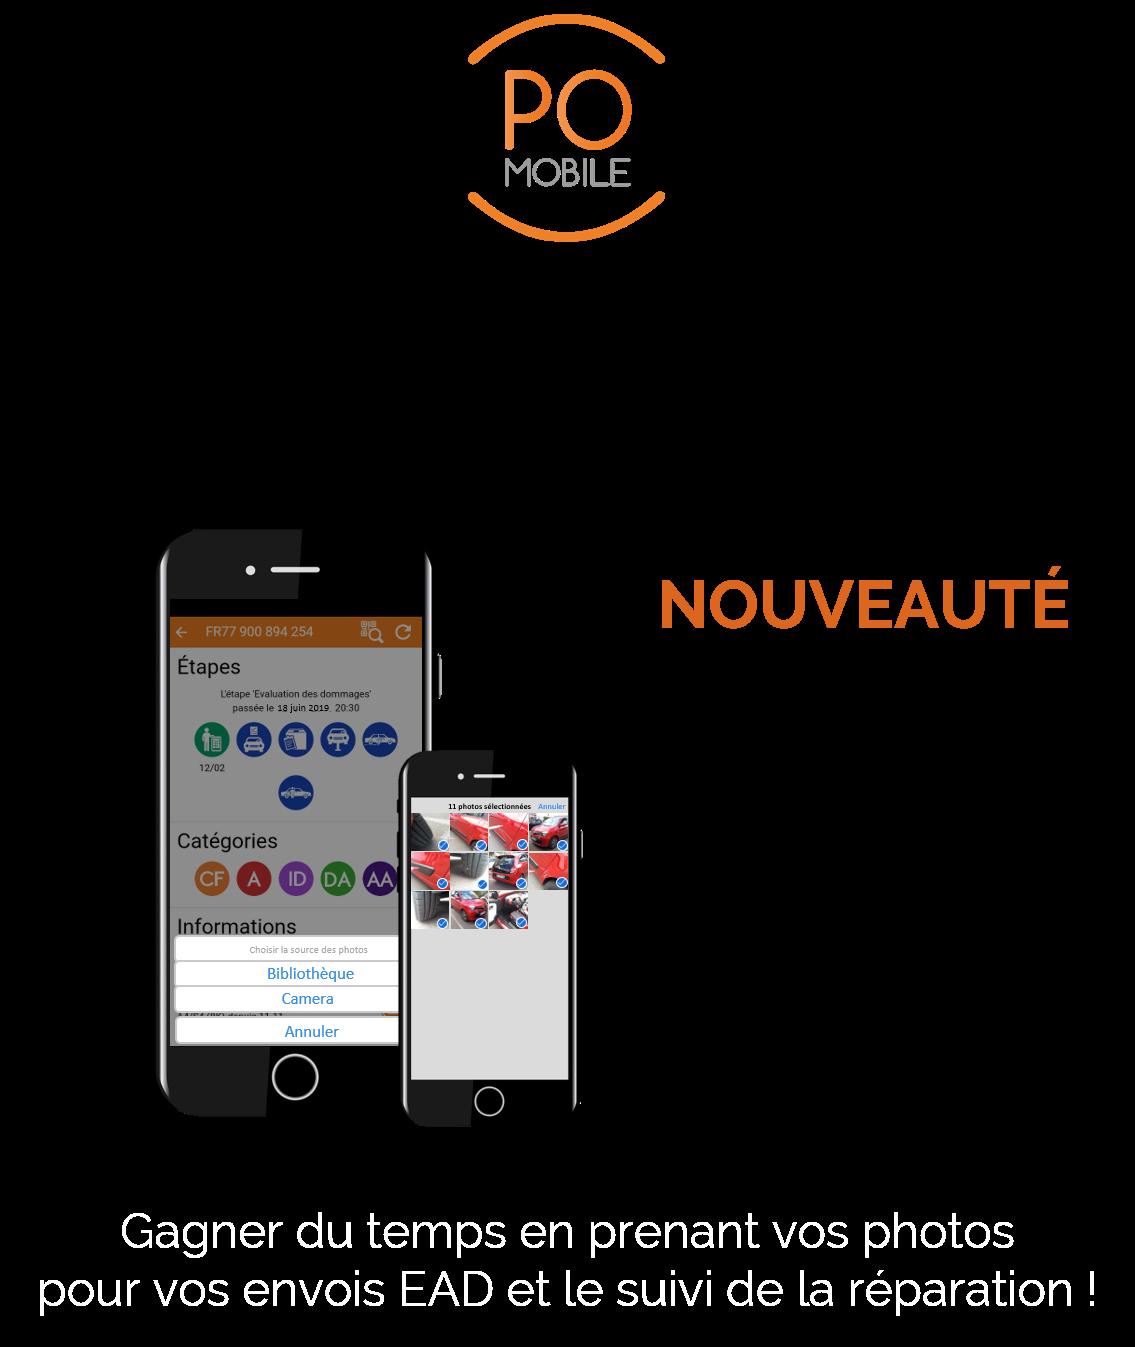 Nouveauté PO Mobile